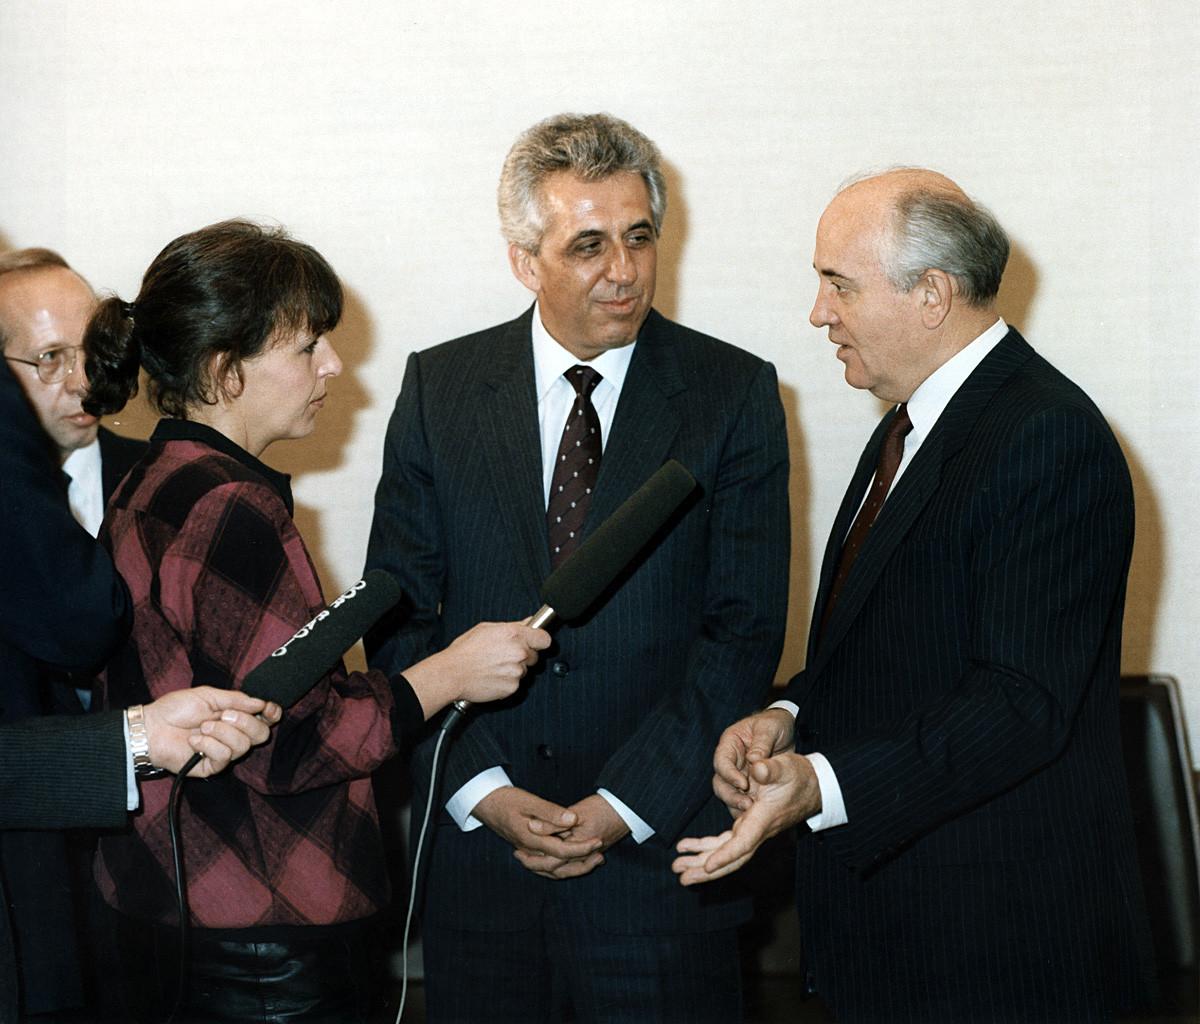 Егон Кренц и Михаил Горбачов, 1 ноември 1989 г.